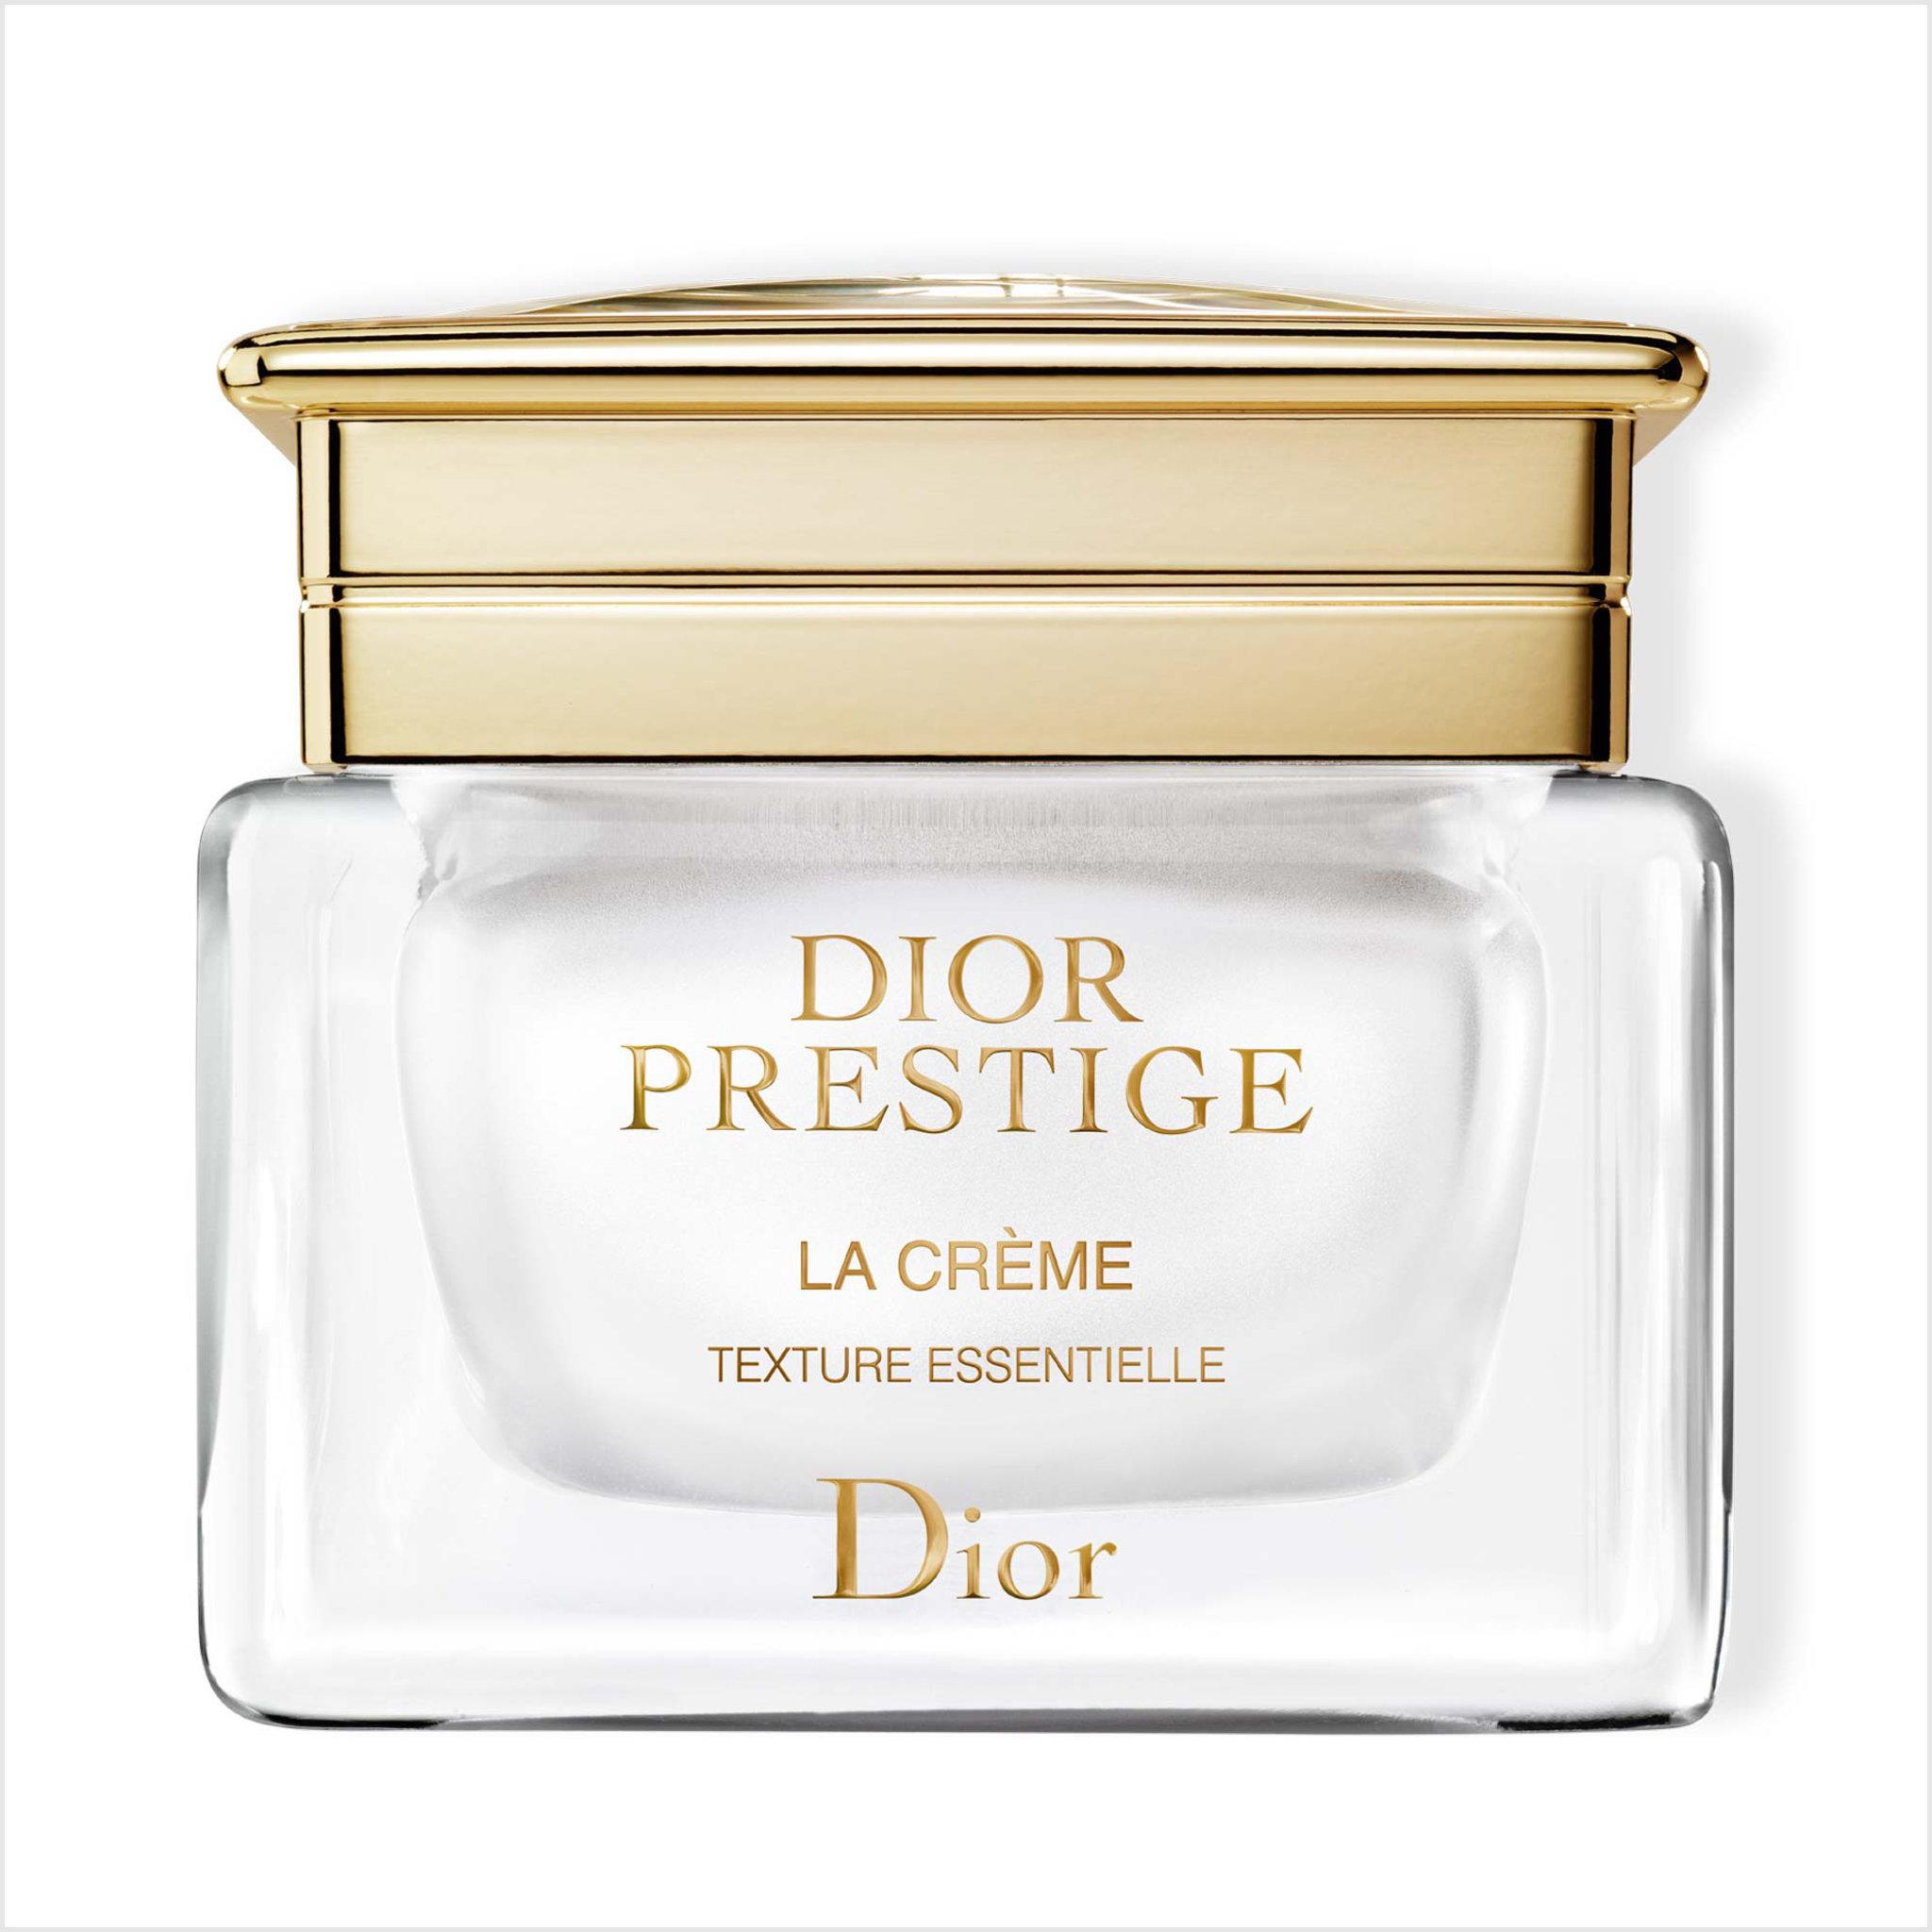 Dior Prestige Creme, 50 ML